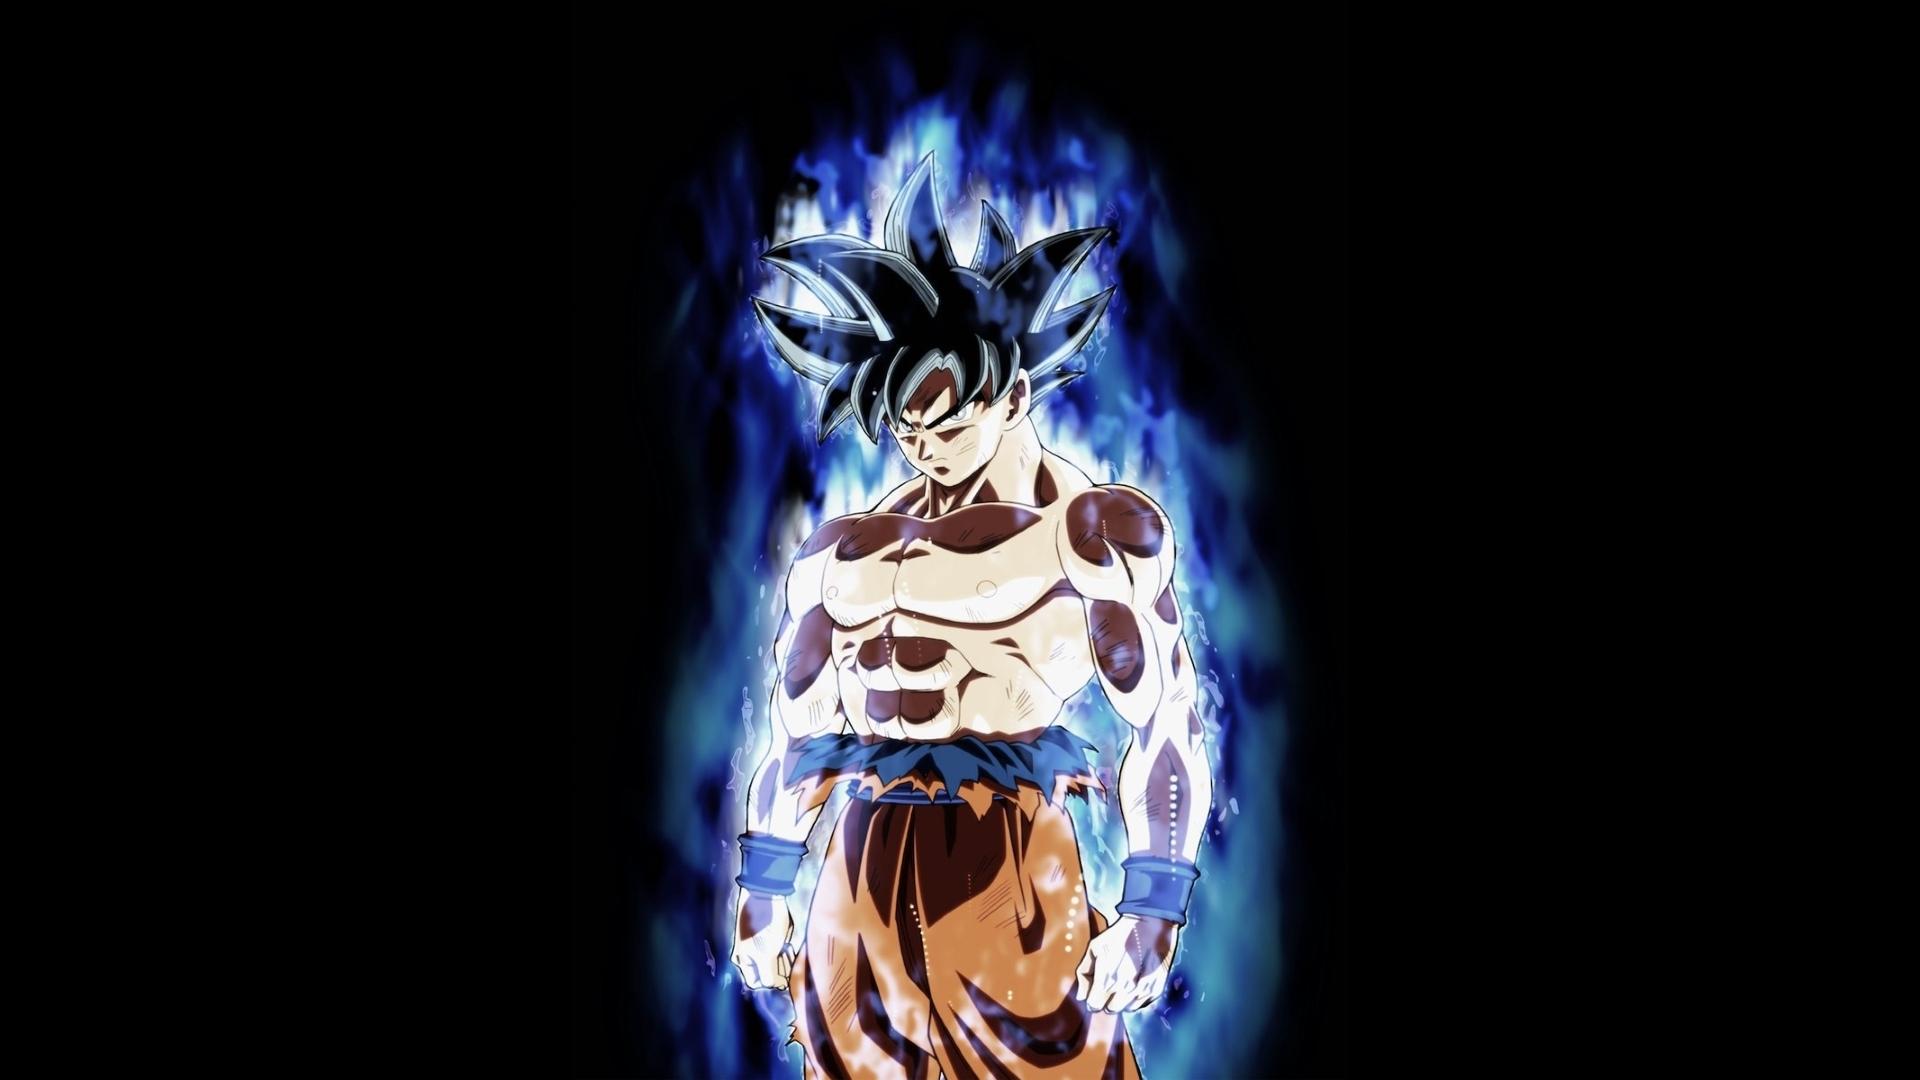 10 New Goku Ultra Instinct Wallpaper 4k Full Hd 1080p For Pc Background